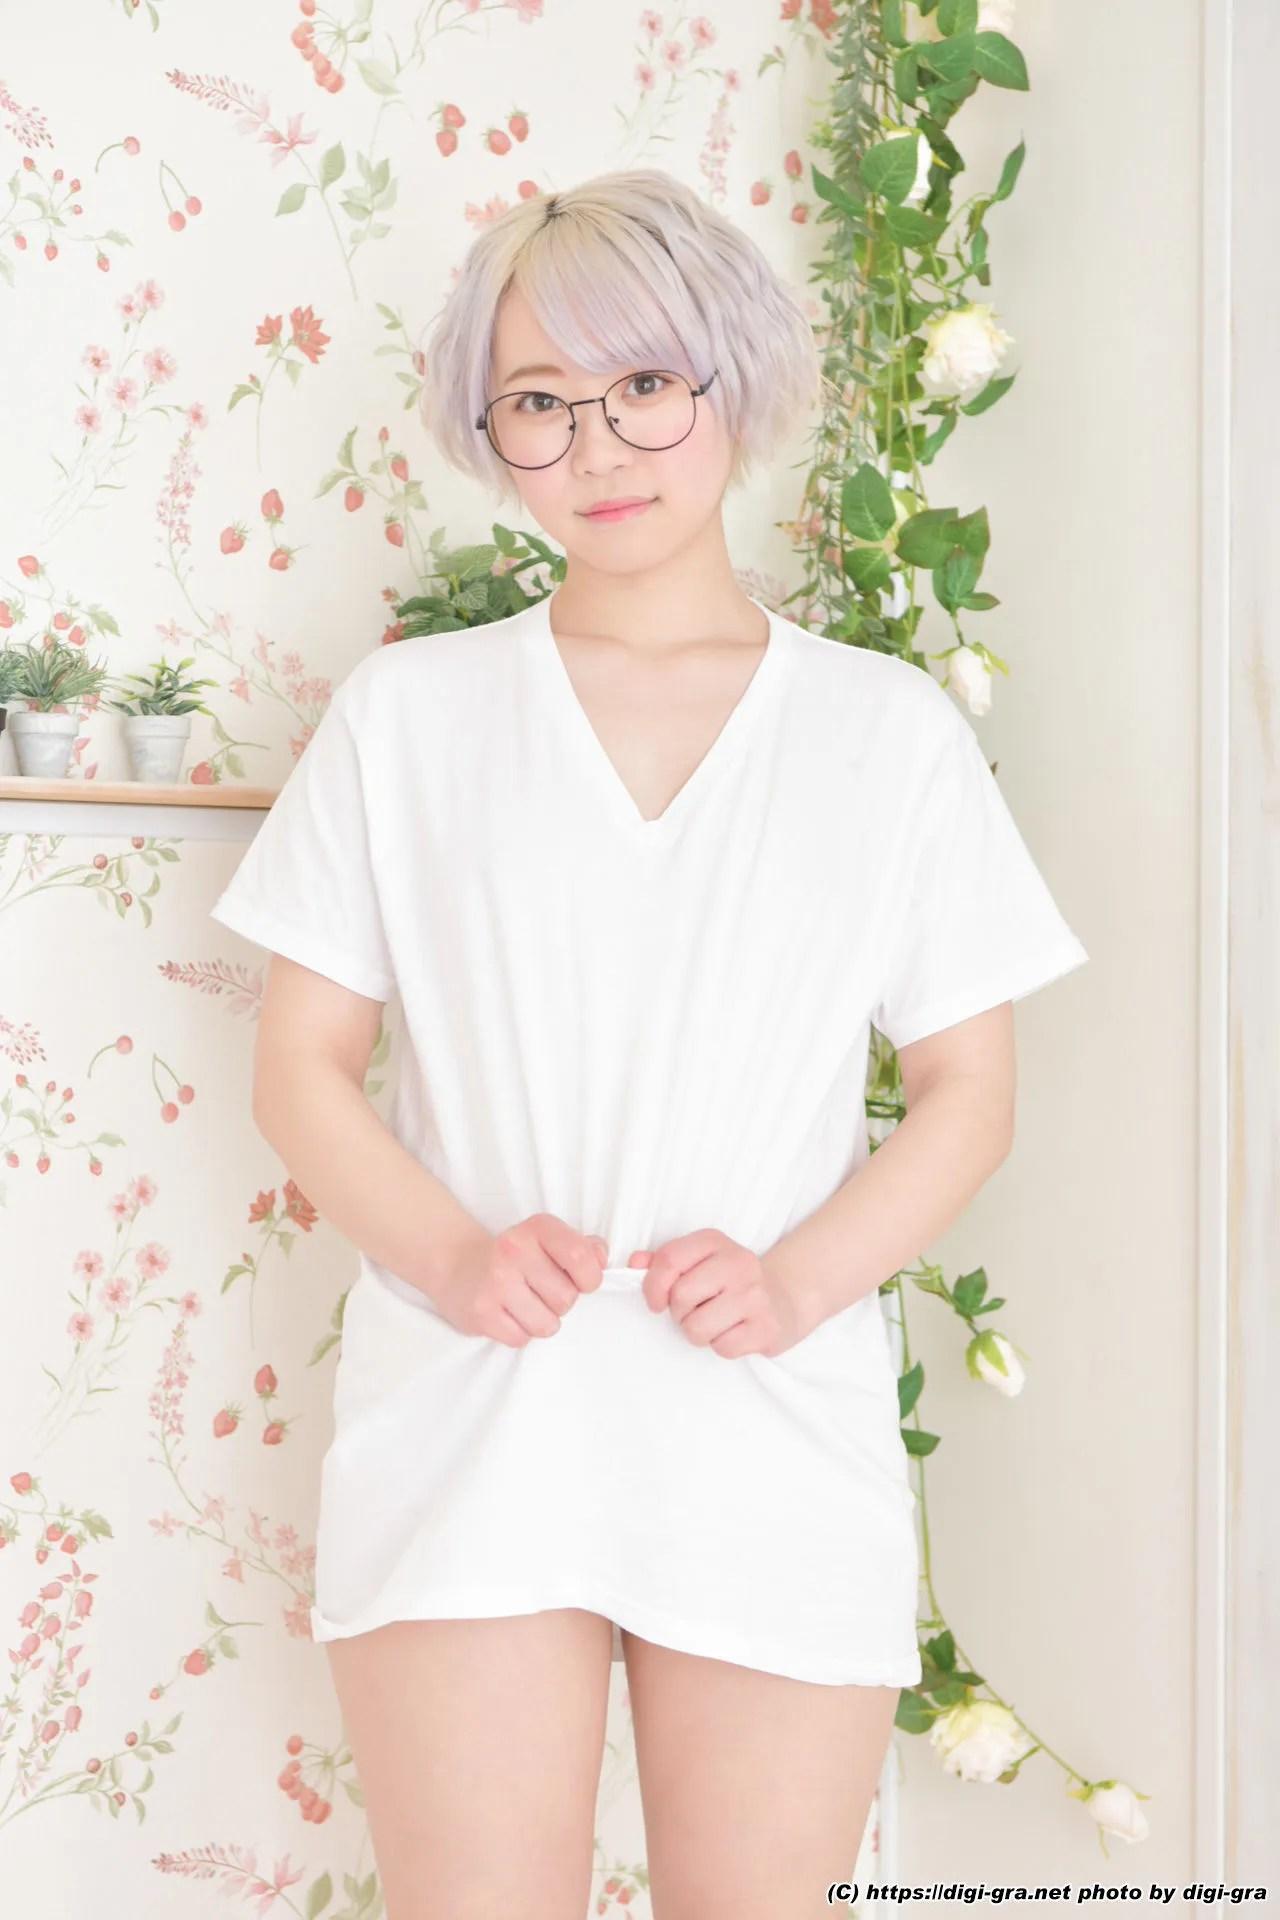 [Digi-Gra] Yura Kano 架乃ゆら Photoset 20[65P]插图(1)